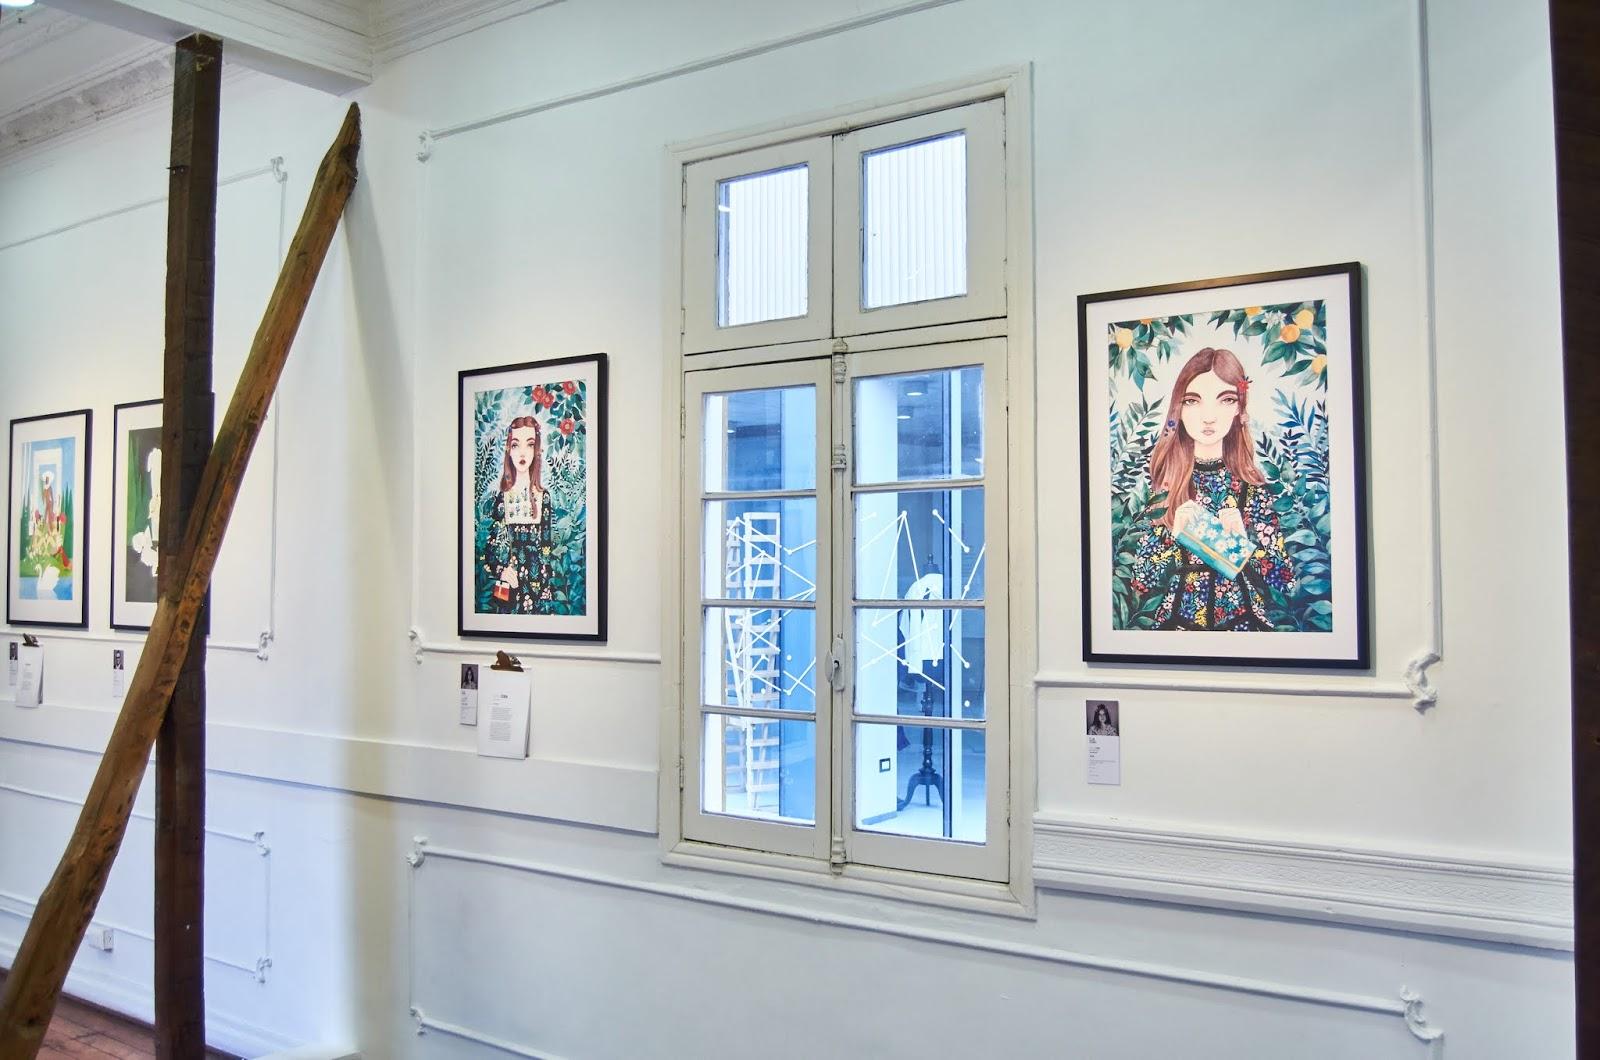 Sala de exposiciones donde se observa las ilustraciones de Camila Cerda